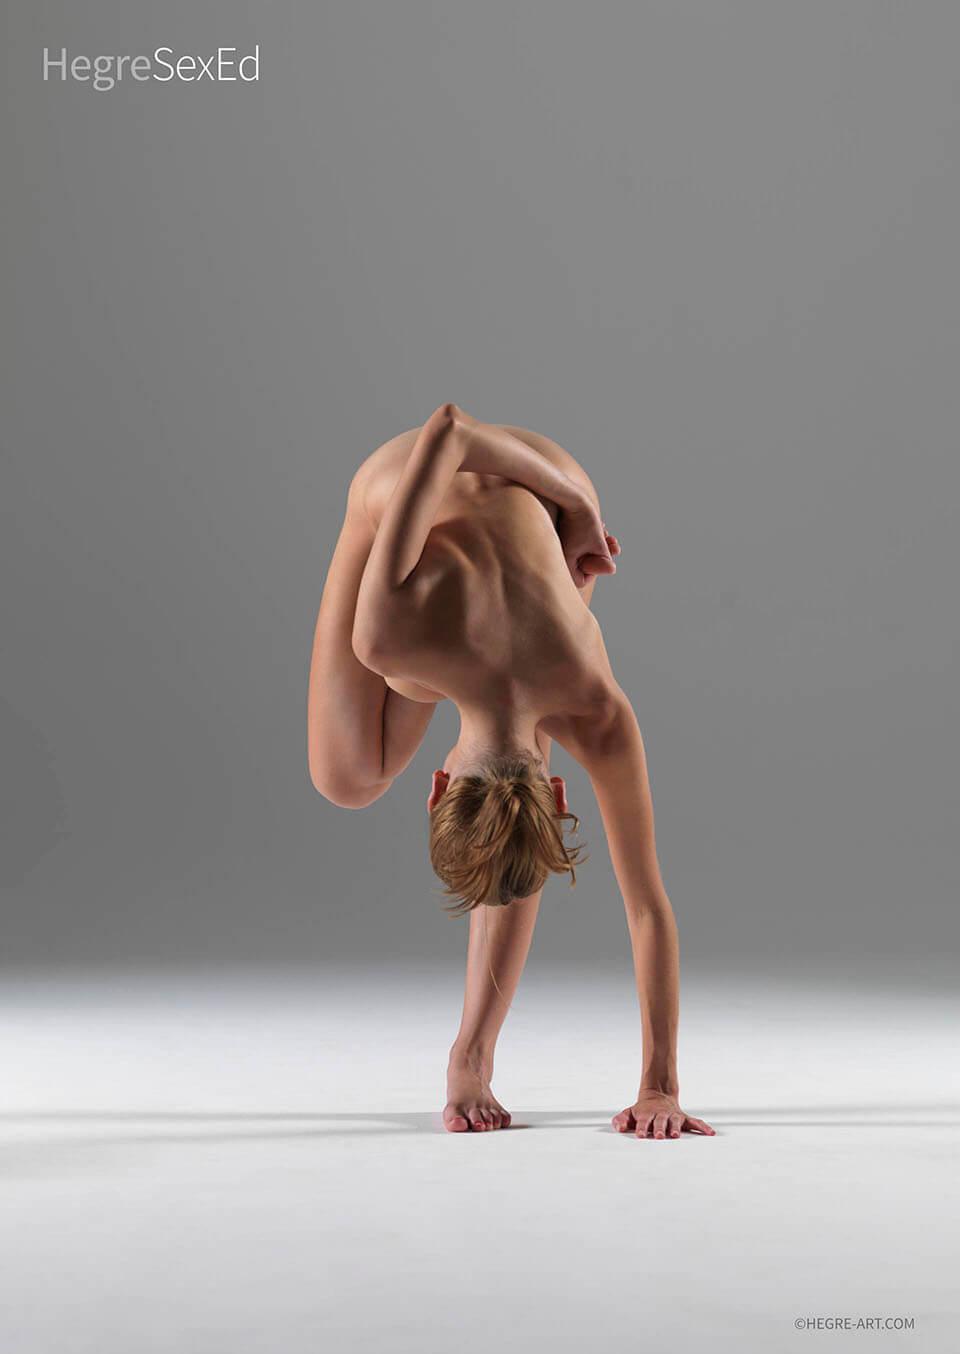 Точно както при всяко упражнение, йога ви дава повече енергия; добавете разчистване на ума и медитативно състояние и сте готови да отидете. Енергия, която тече и усещания високо, вие и вашата любов ще предизвикате пожари из цялата спялня, а защо не кухня, вана или навън на открито.